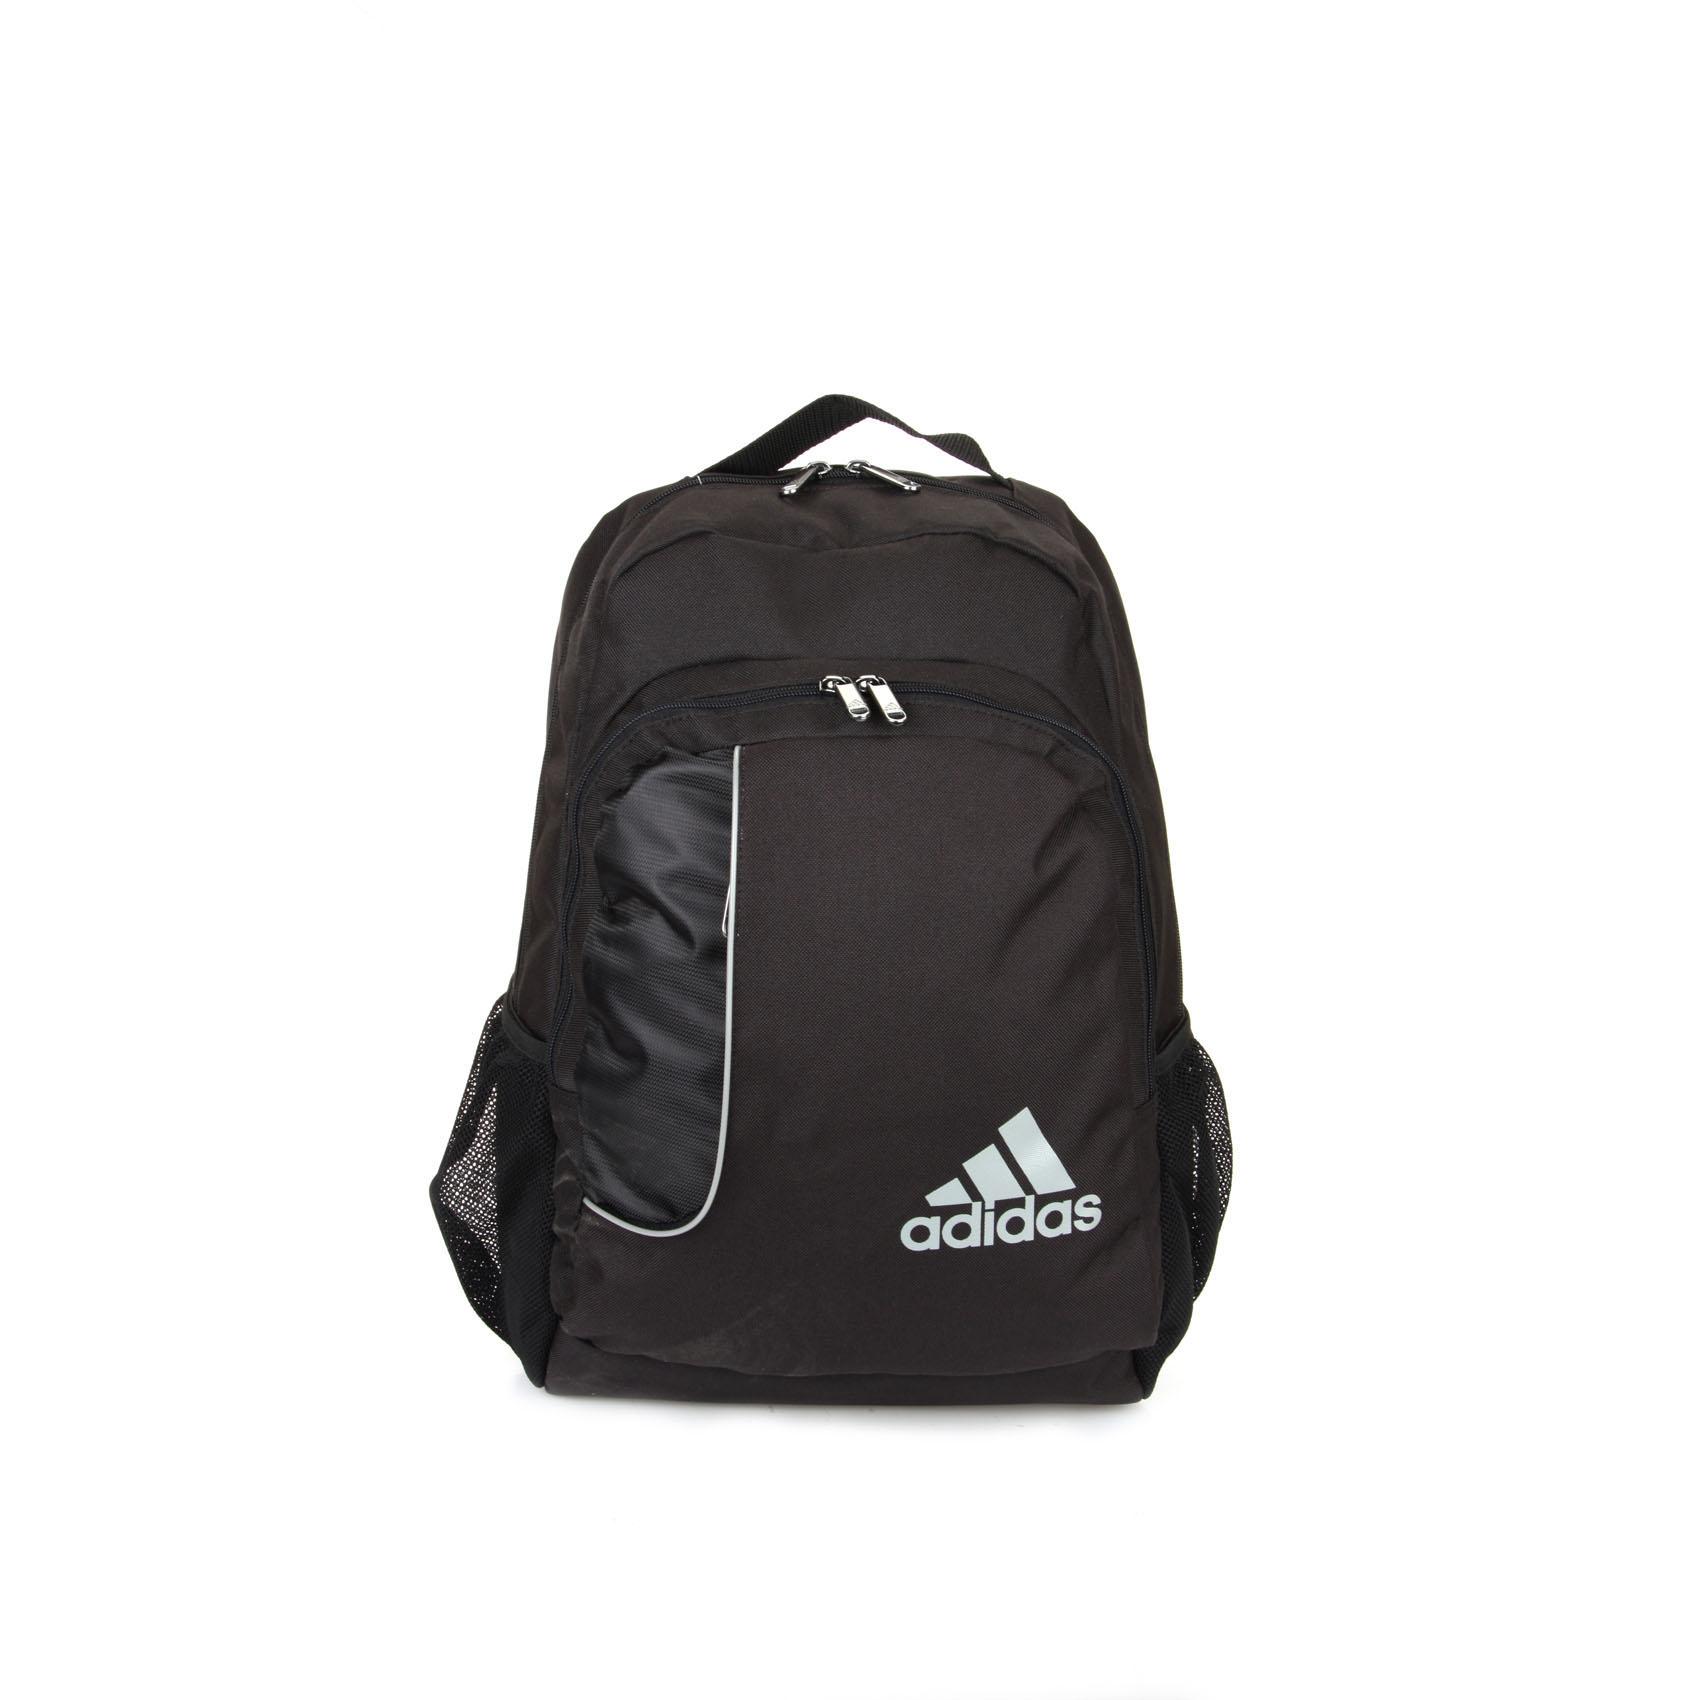 Mochilas da Adidas